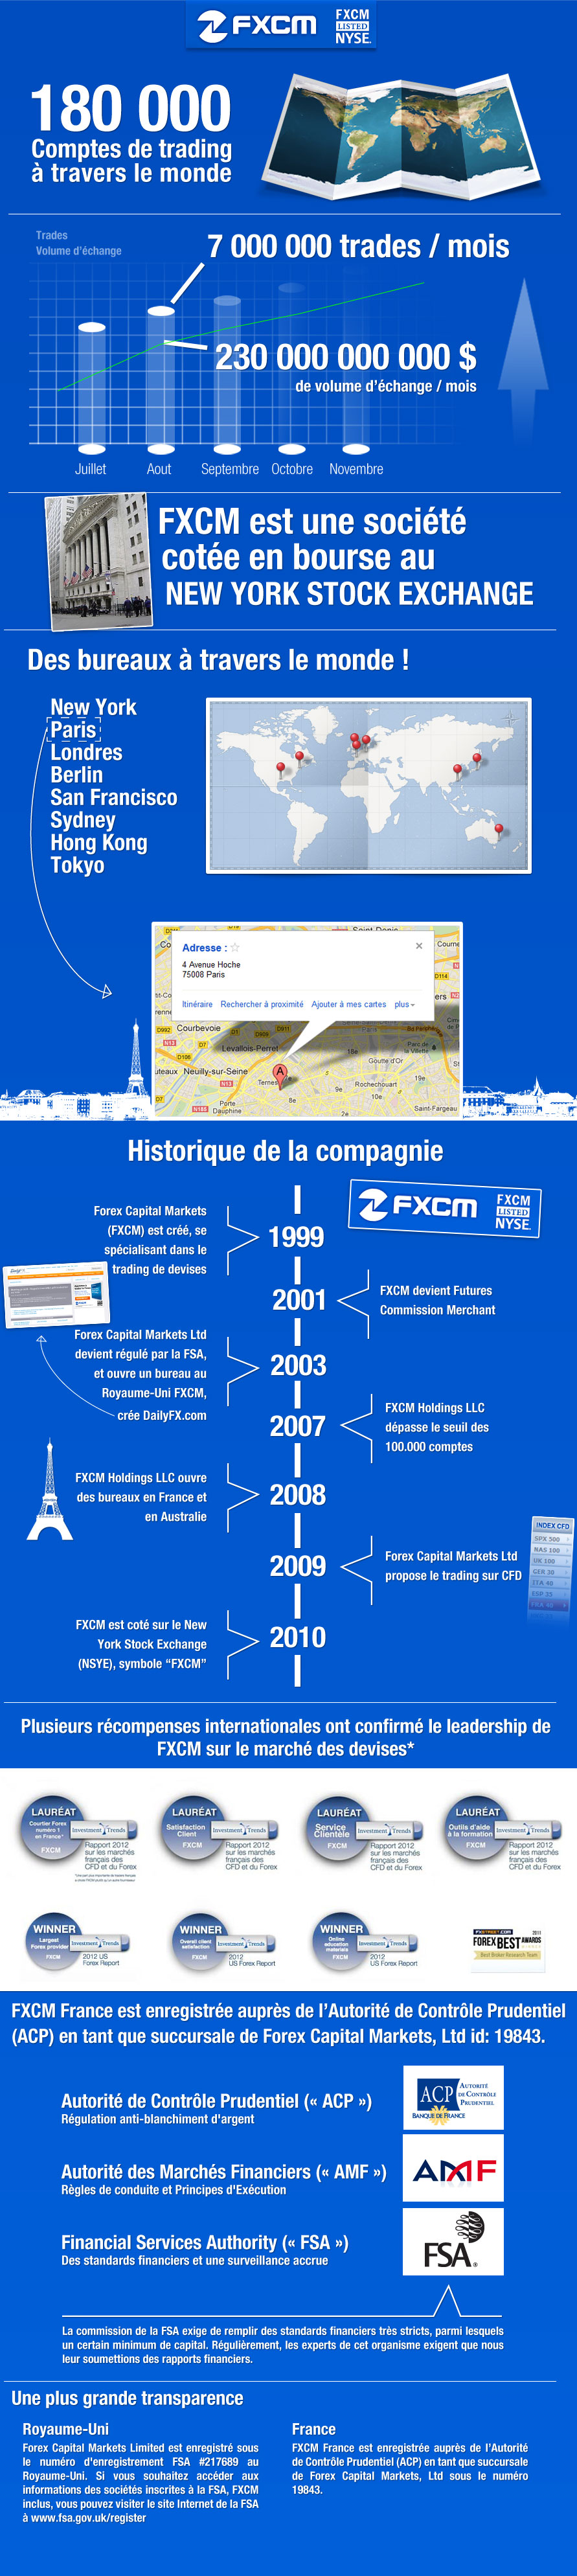 L'histoire et les qualités du broker forex FXCM